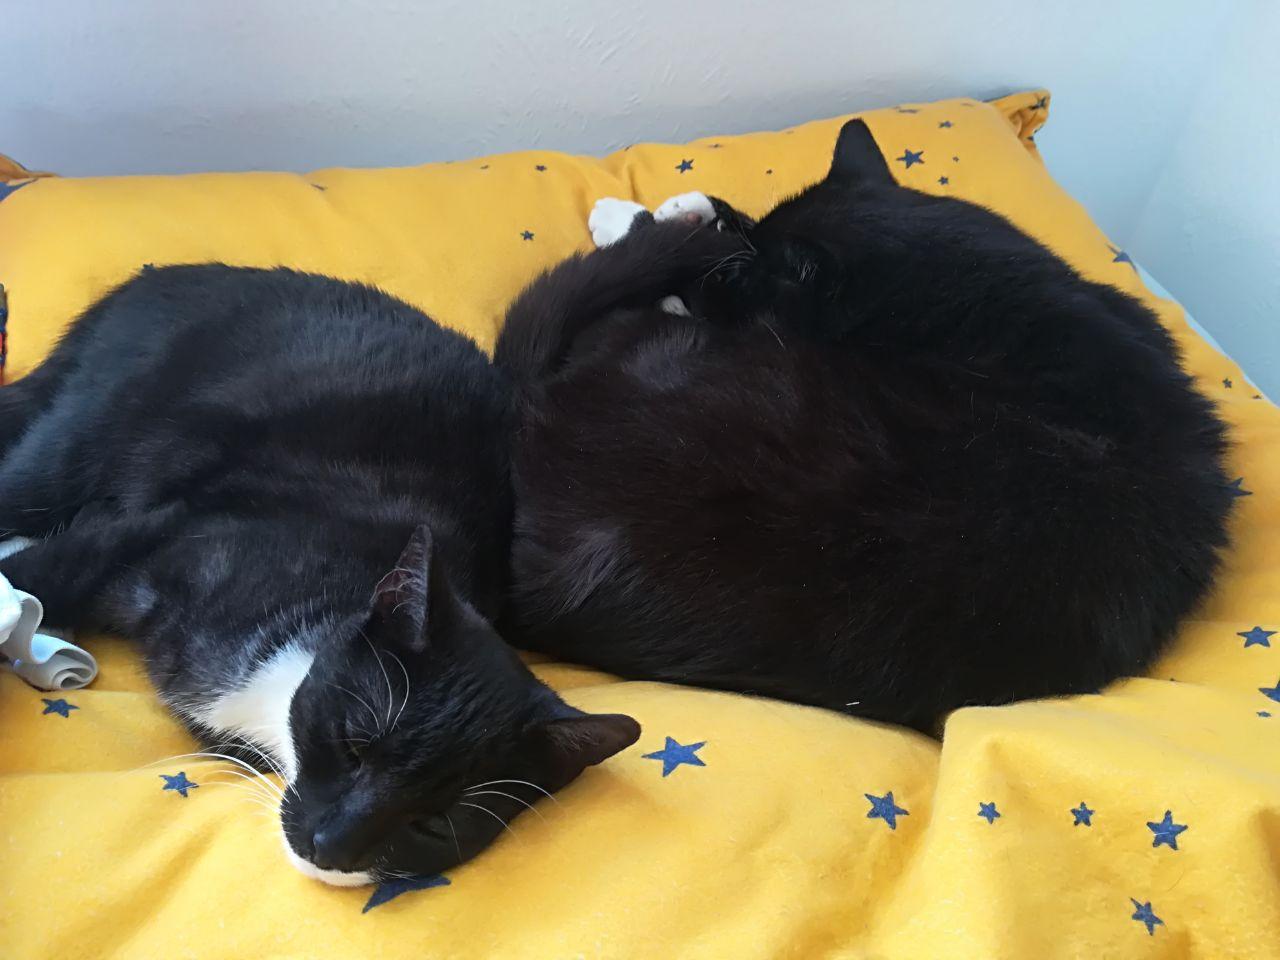 zwei schwarz-weiße Katzen auf einer gelben Decke